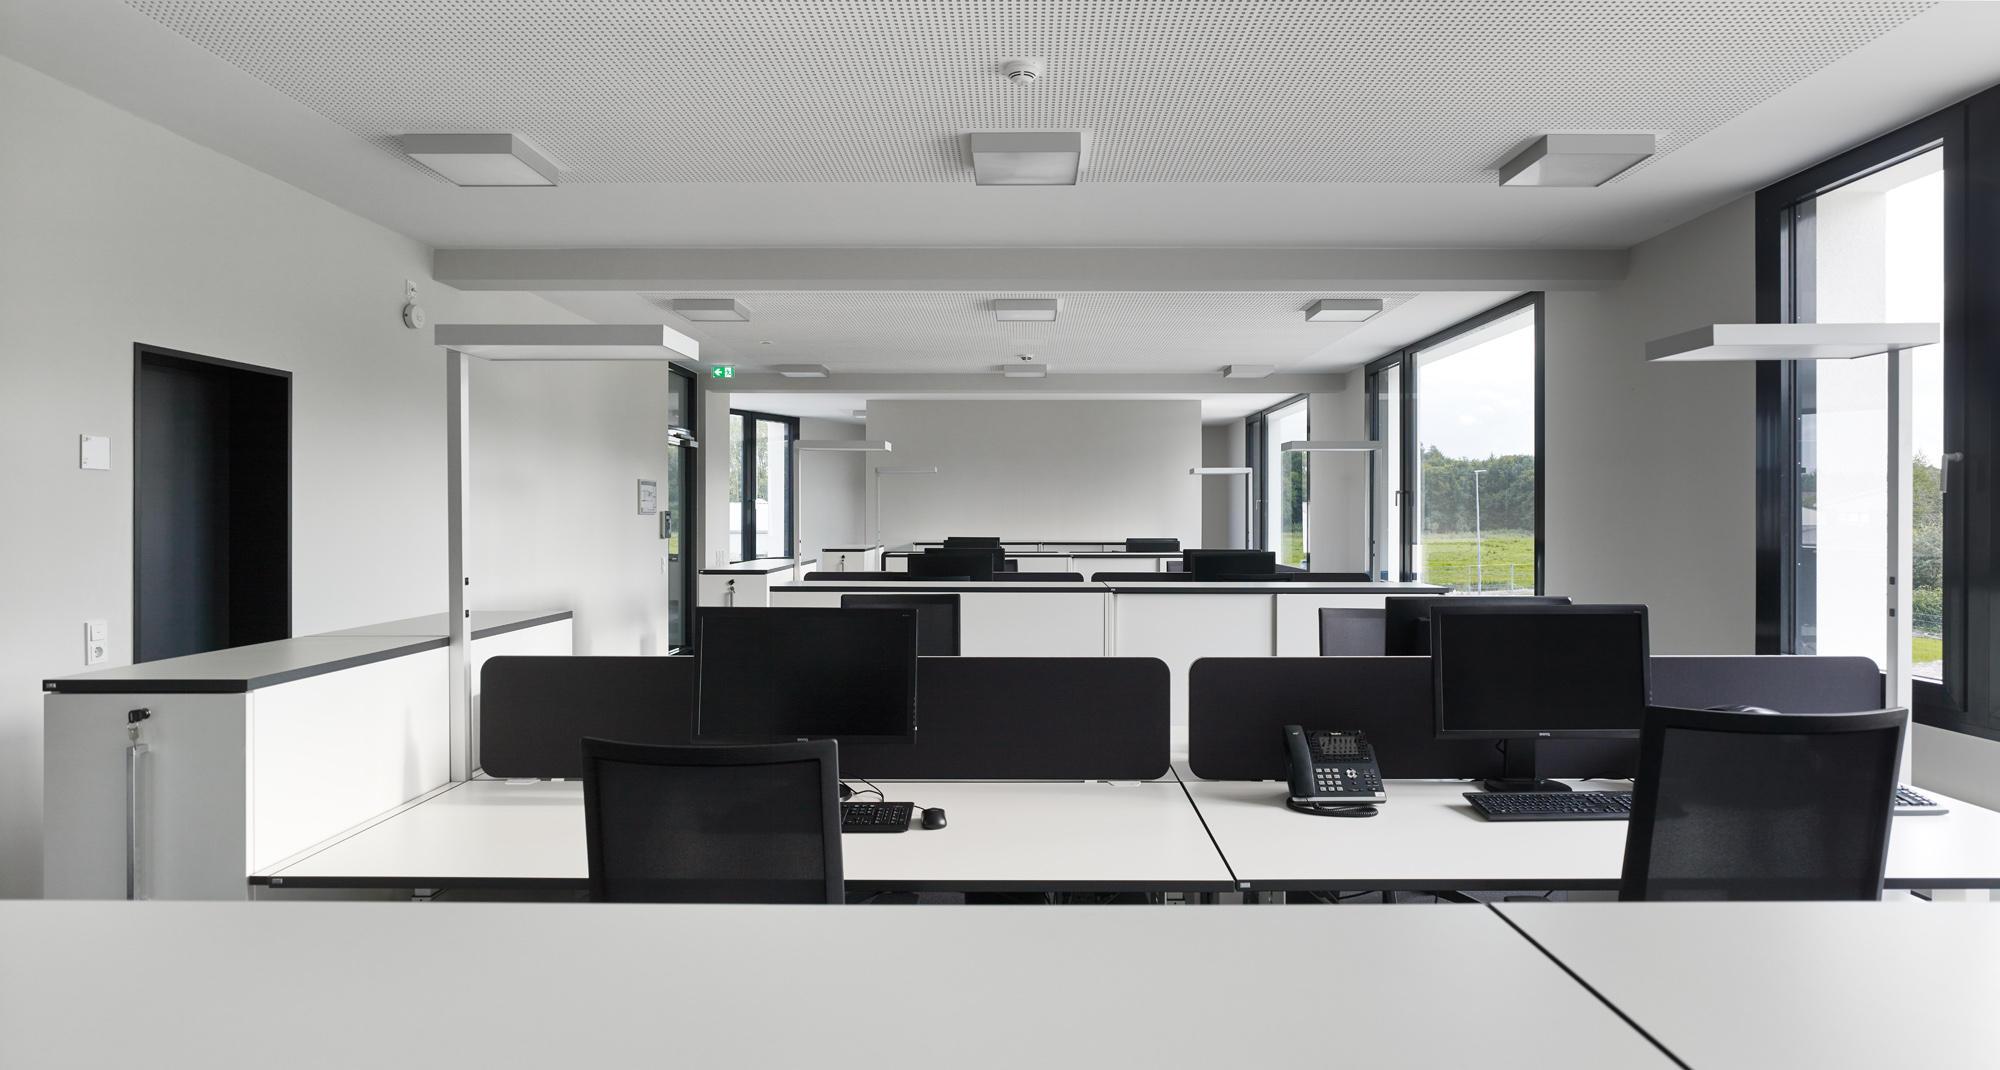 neubau-jadepack-bueroraeume-schoenbornschmitz-architekten